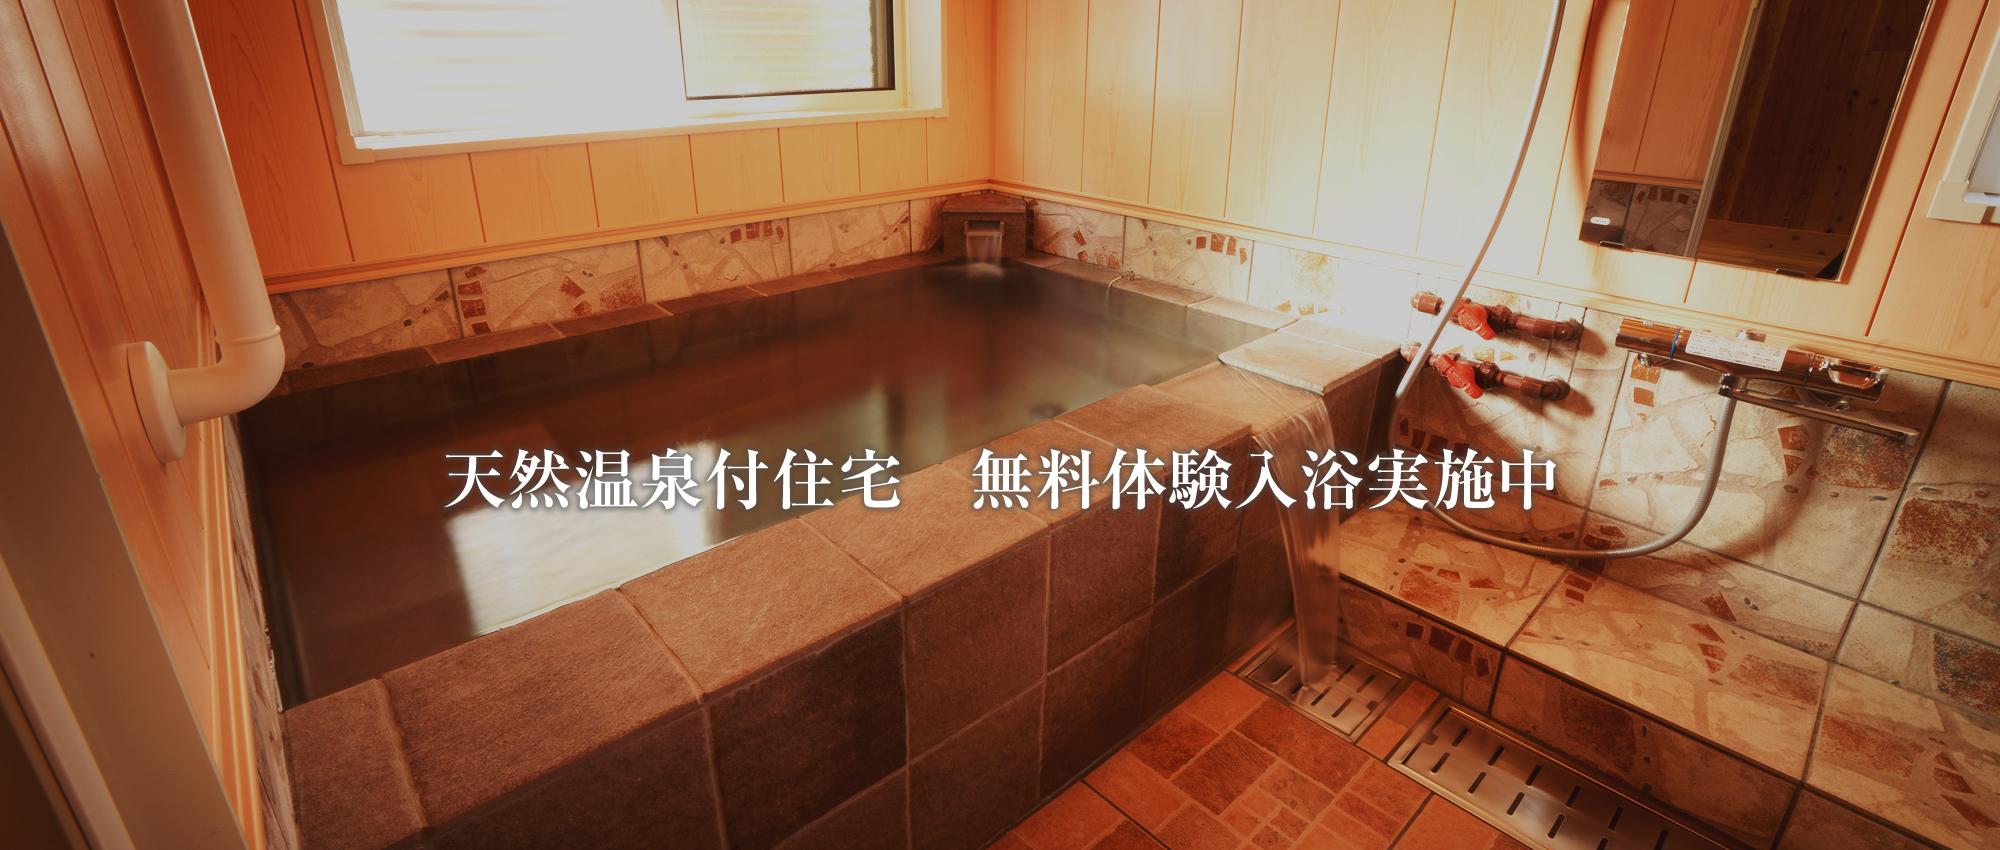 天然温泉付住宅 無料体験入浴実施中